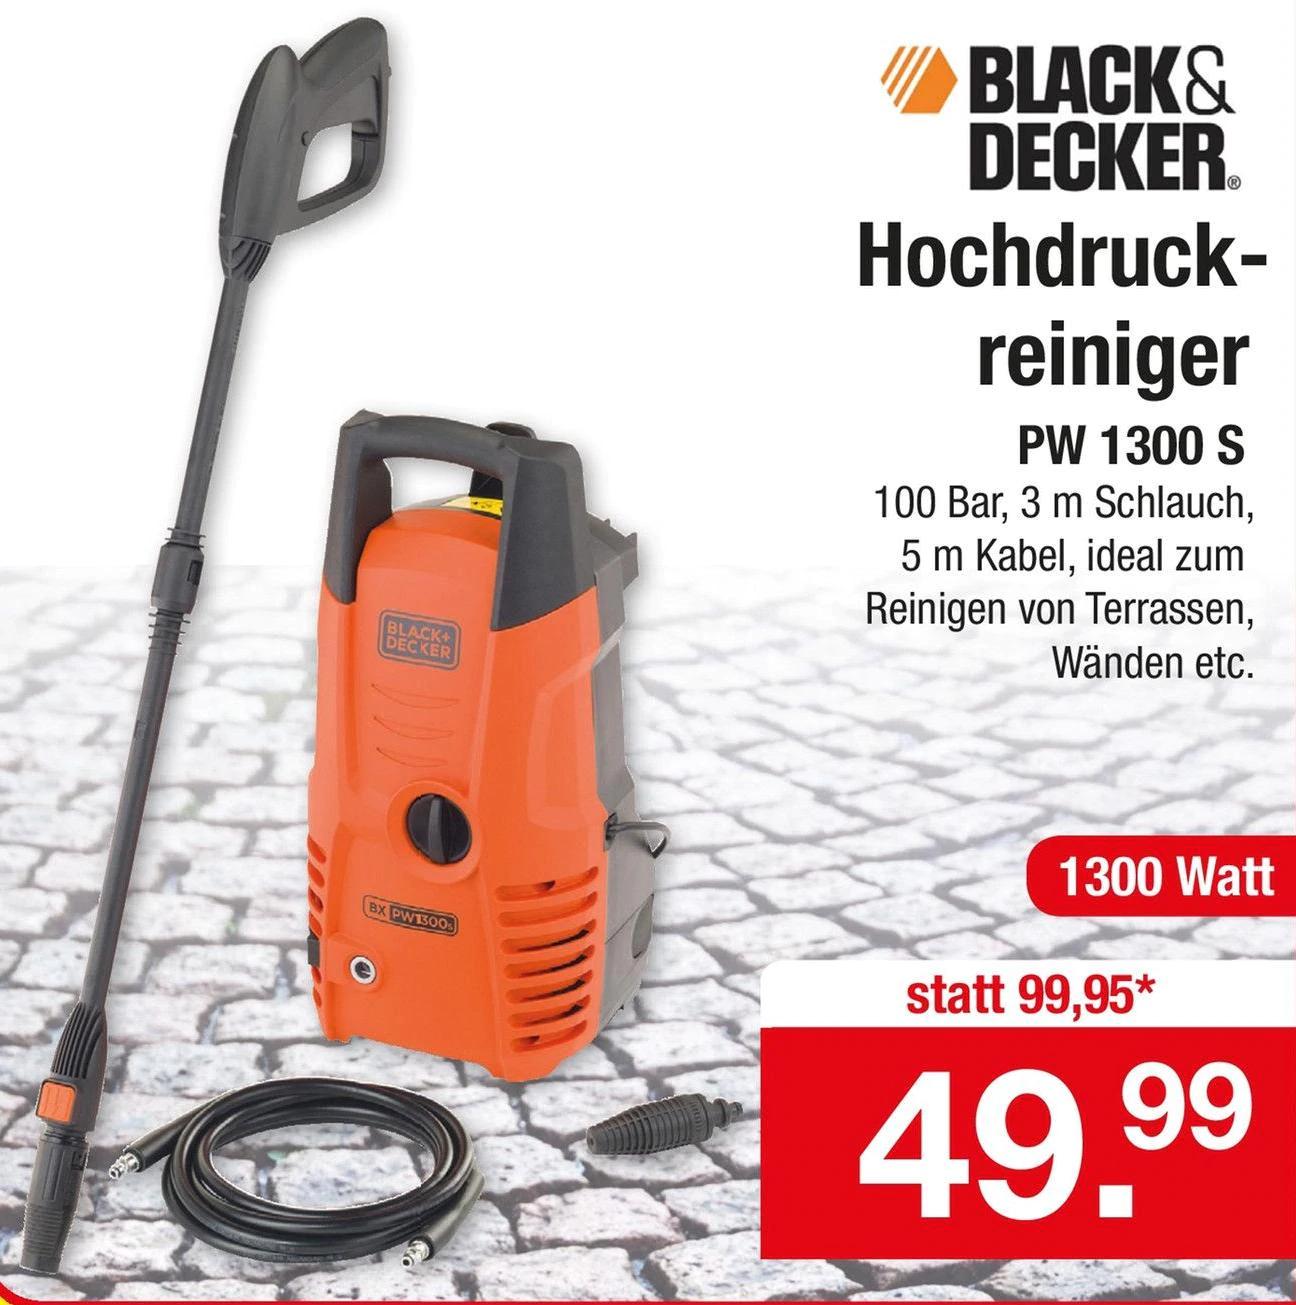 [lokal Zimmermann] Black und Decker Pw 1300 S Hochdruckreiniger 1300W 100Bar